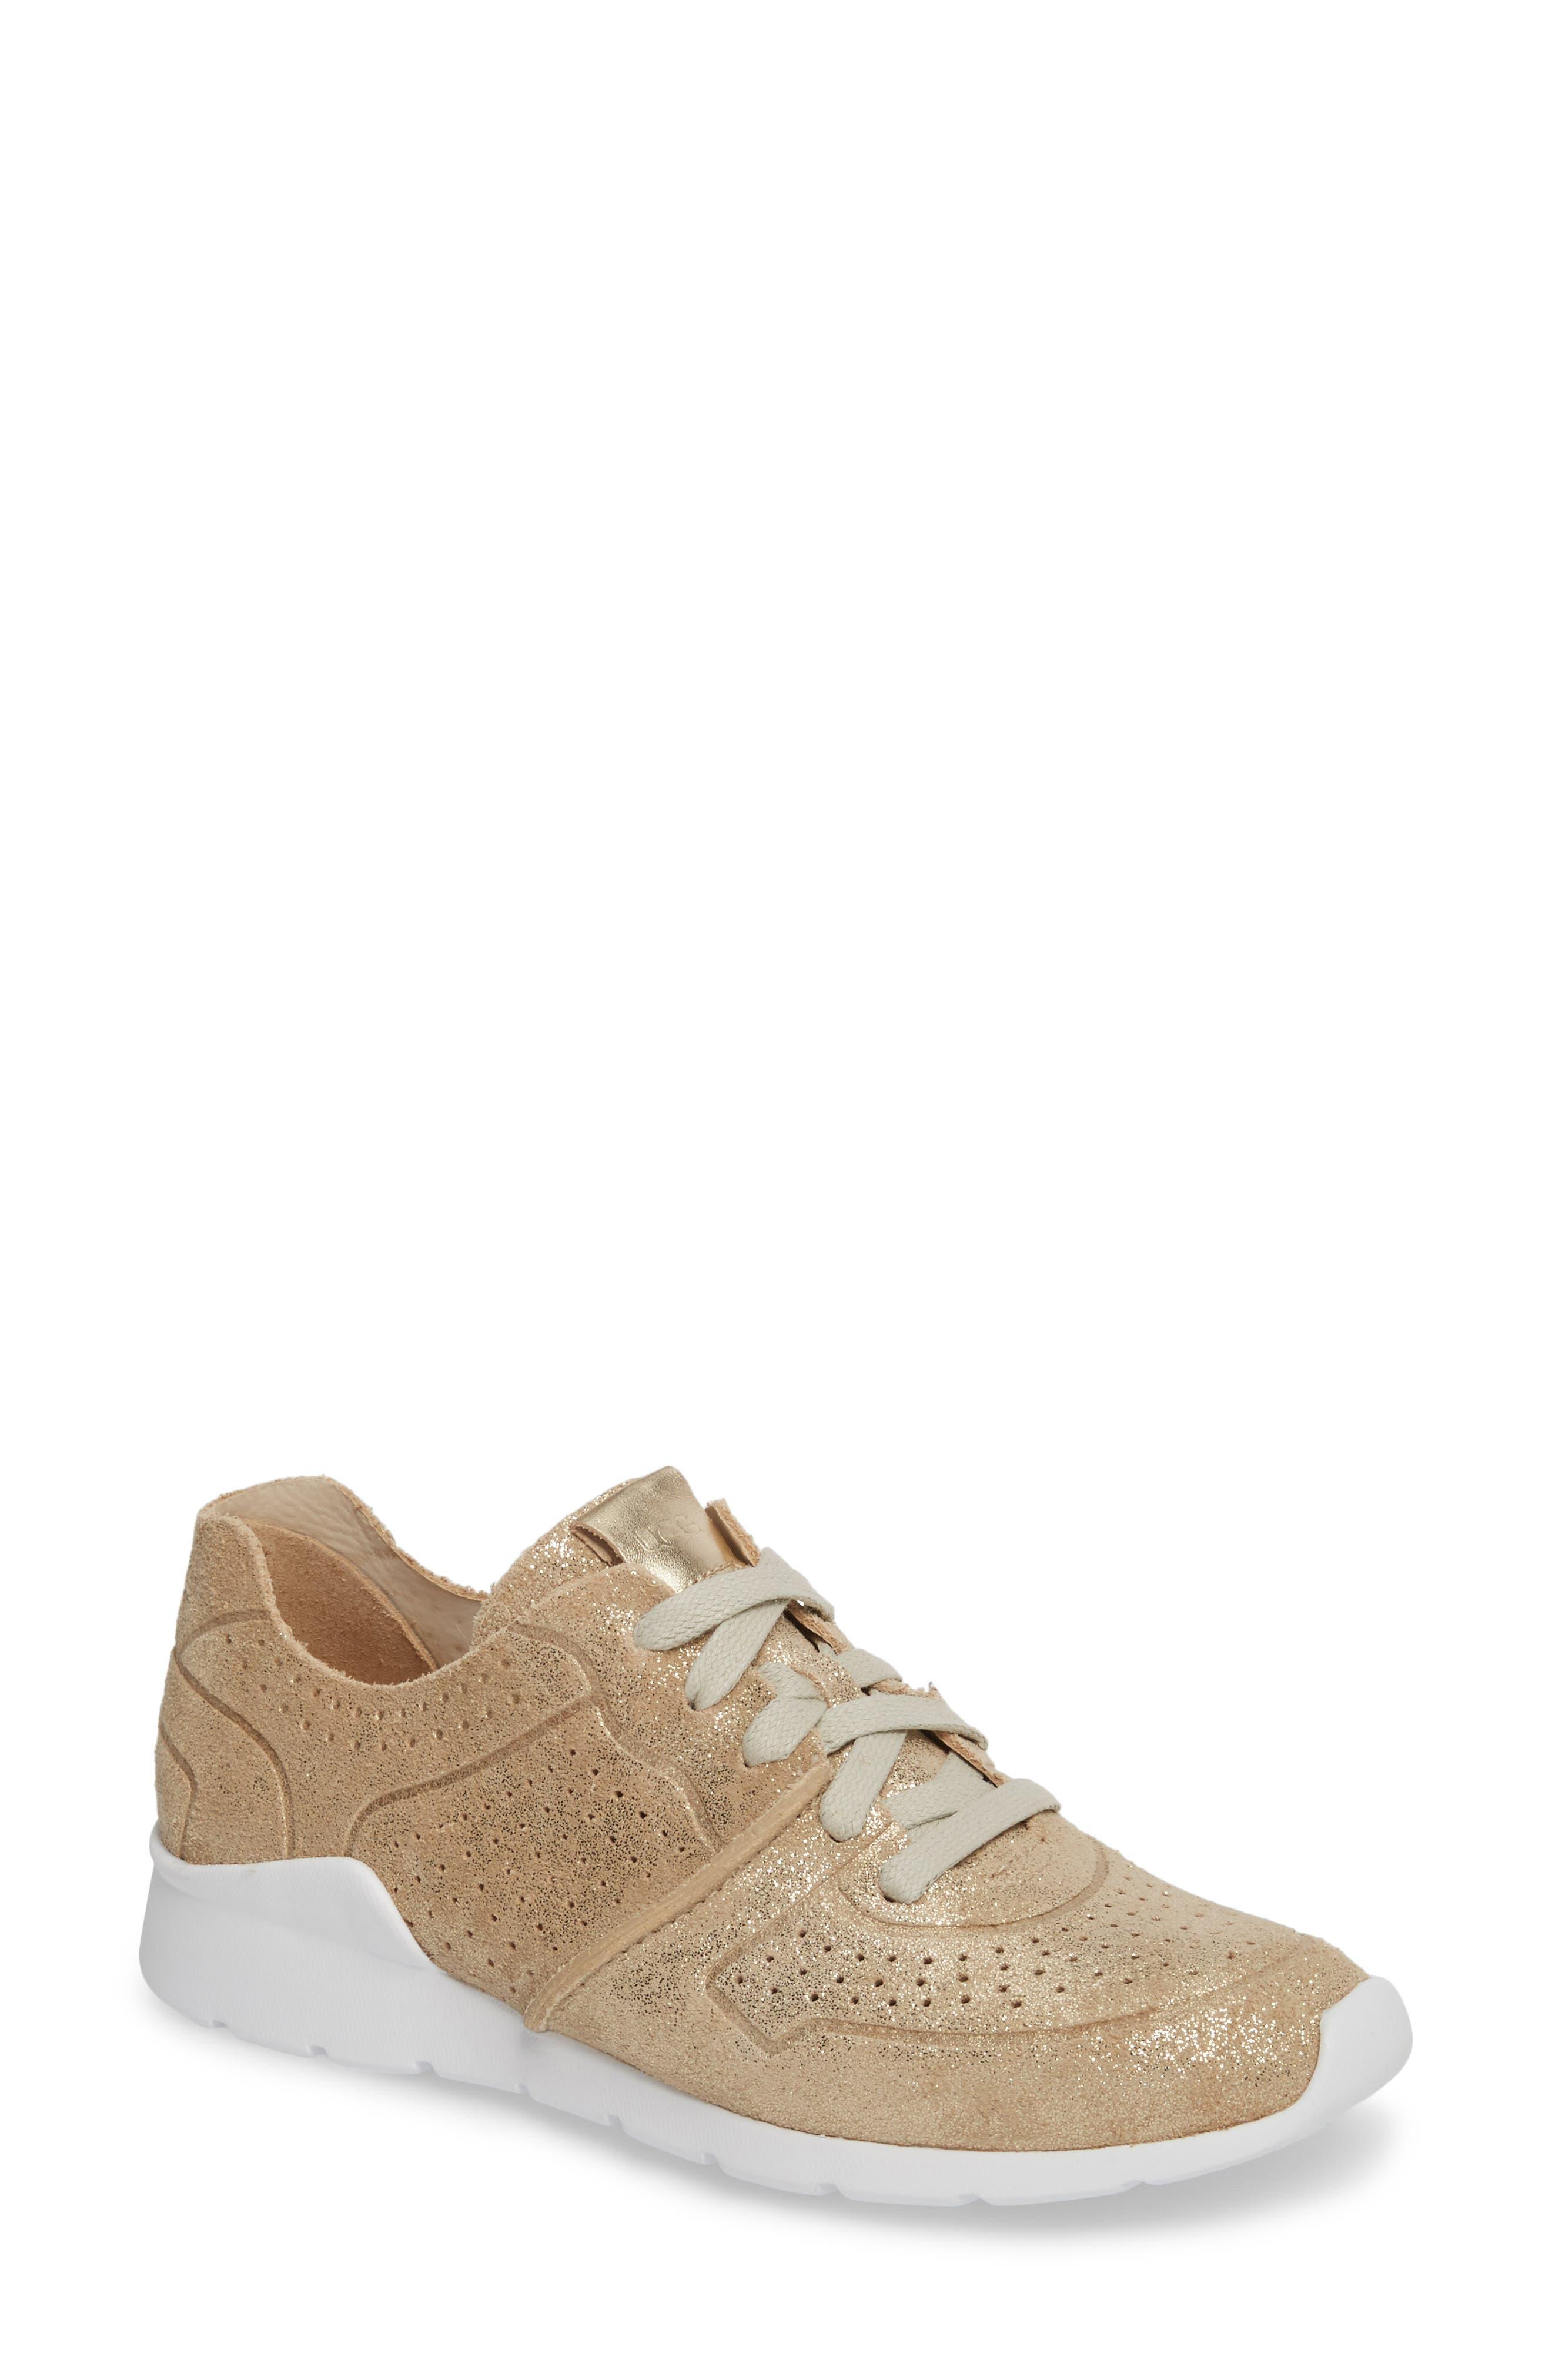 Tye Stardust Sneaker, Main, color, 710